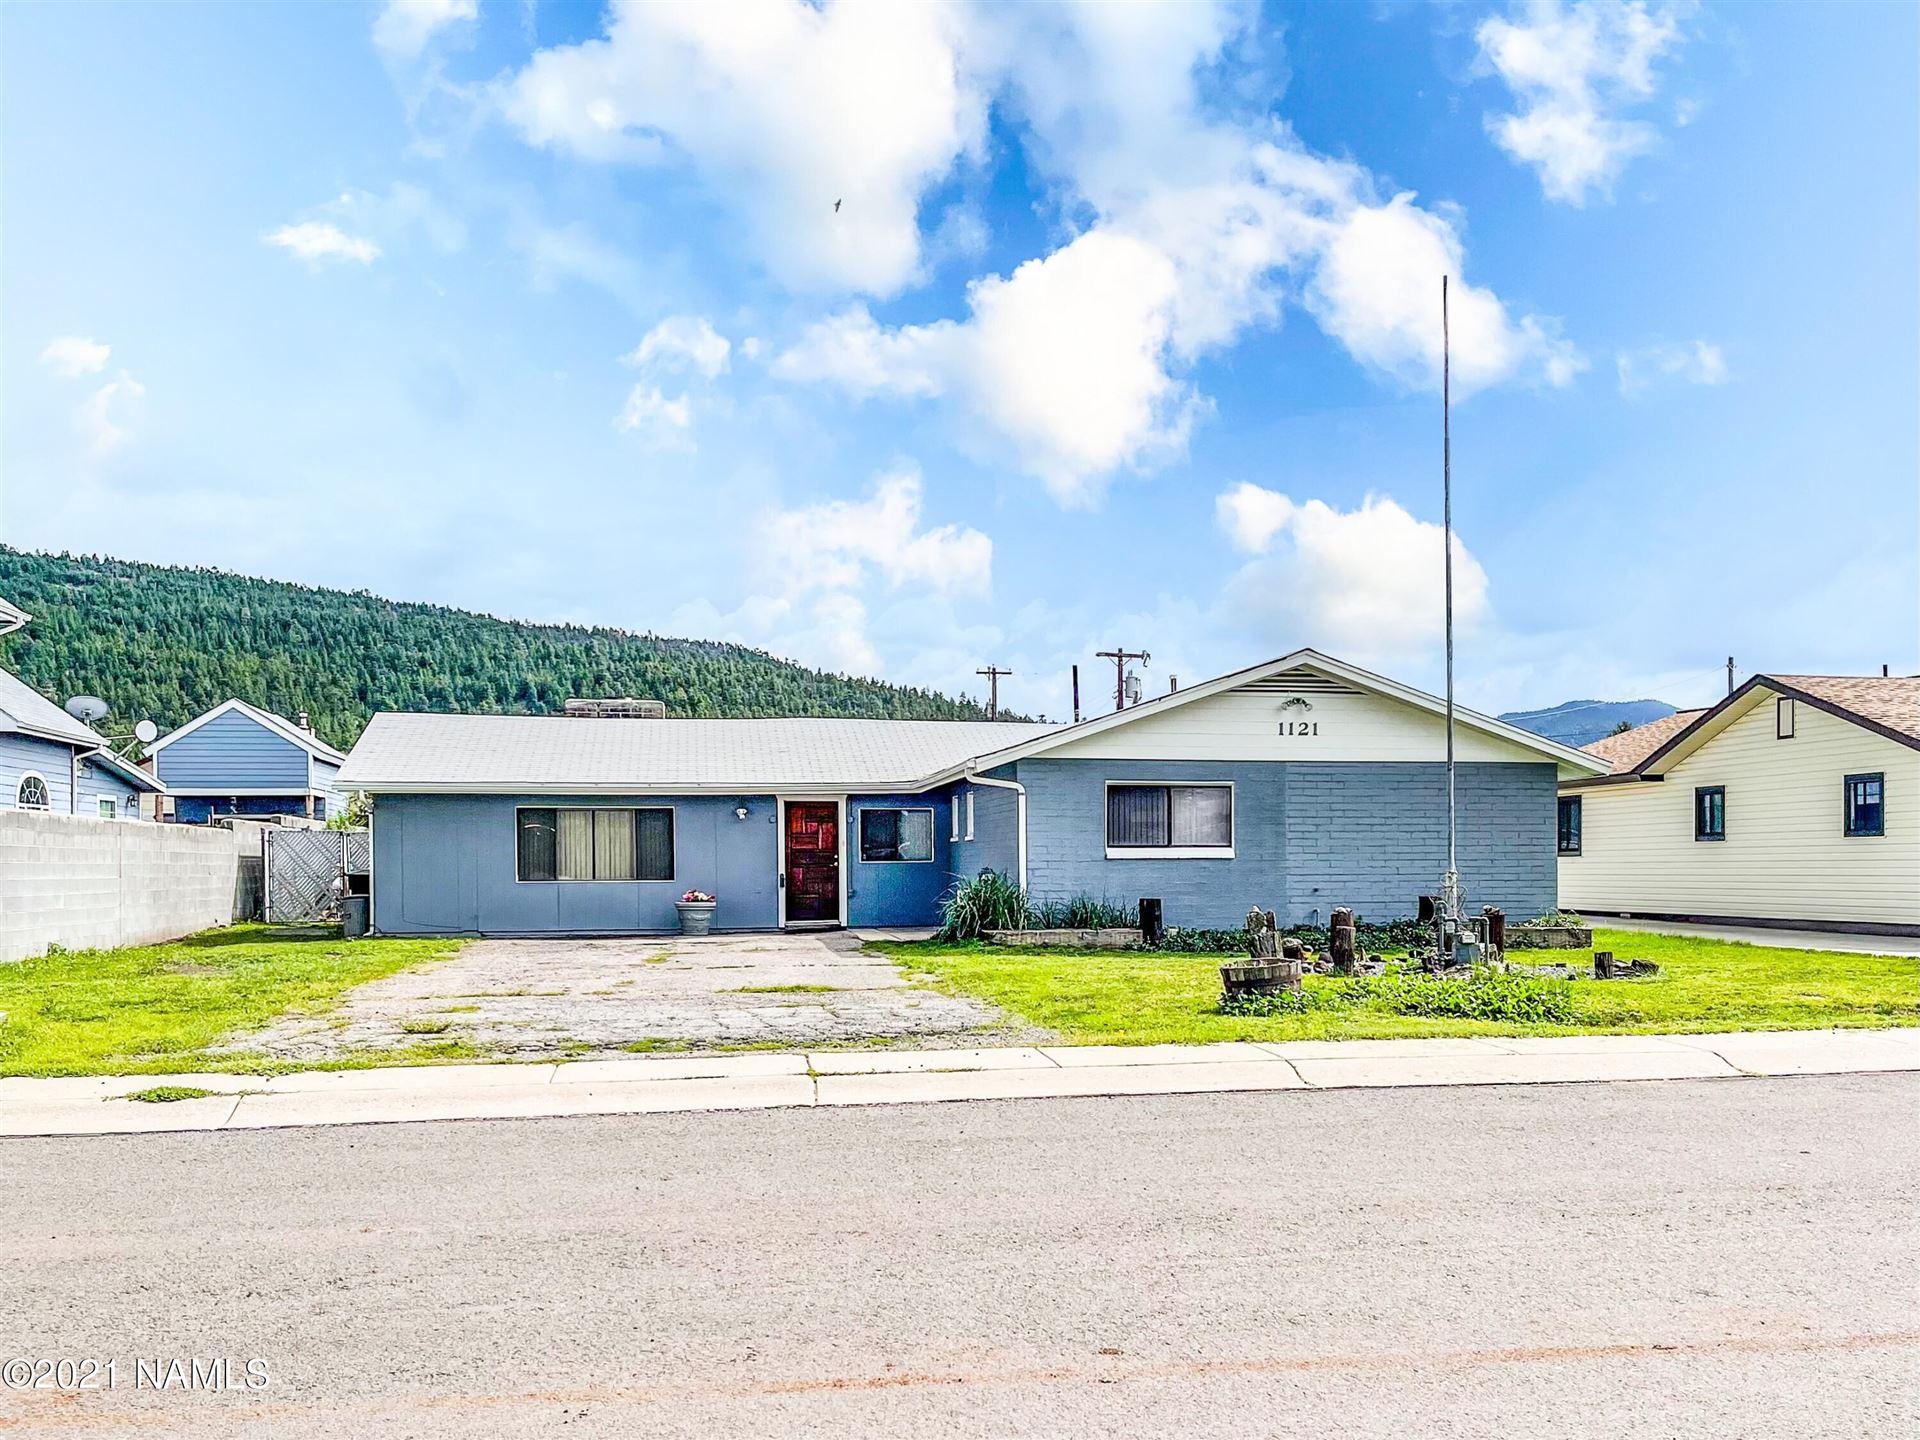 1121 Sheepmens Drive, Williams, AZ 86046 - MLS#: 185834